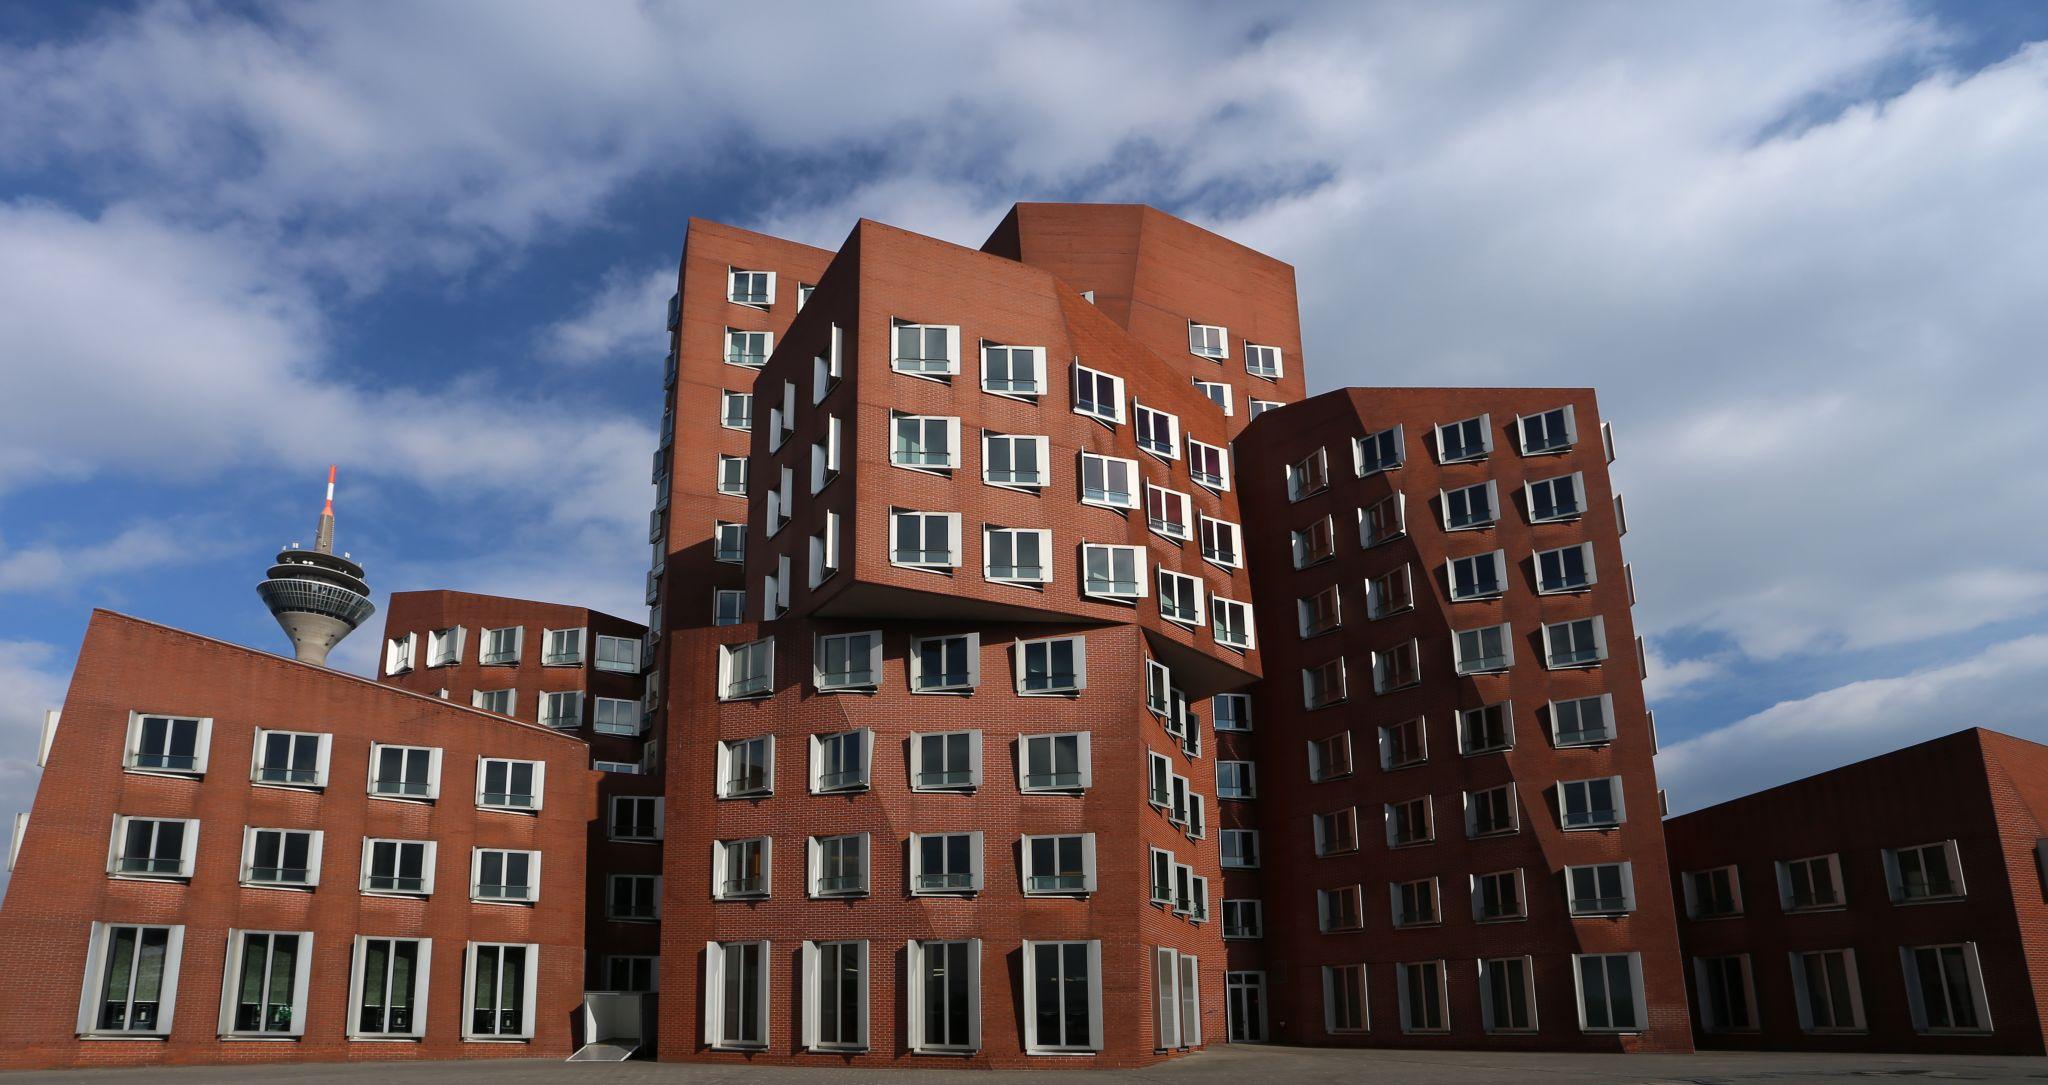 Düsseldorf Medienhafen, Germany